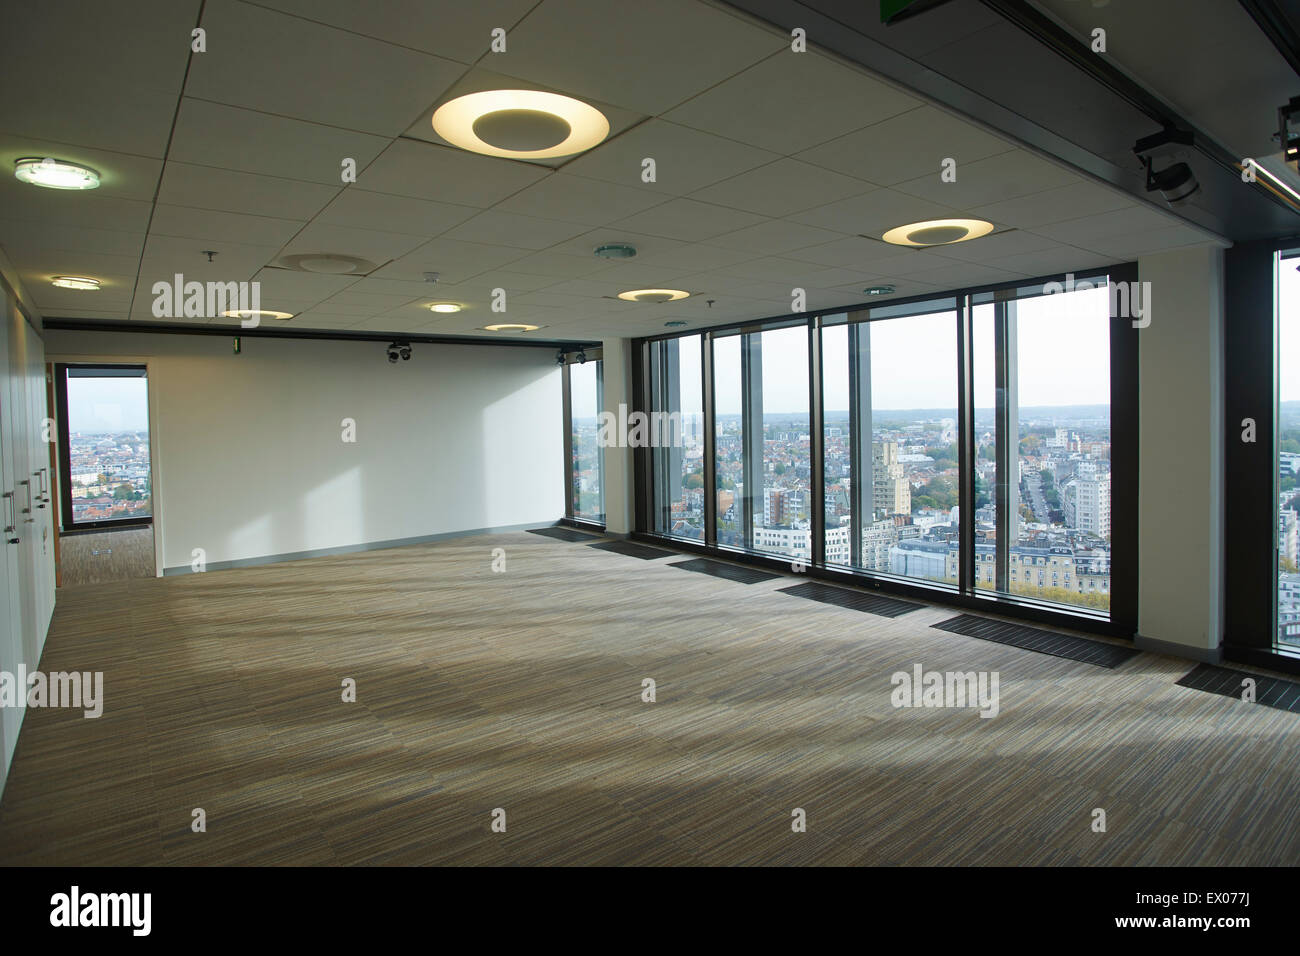 Bureau gratte ciel vide intérieur bruxelles belgique banque d